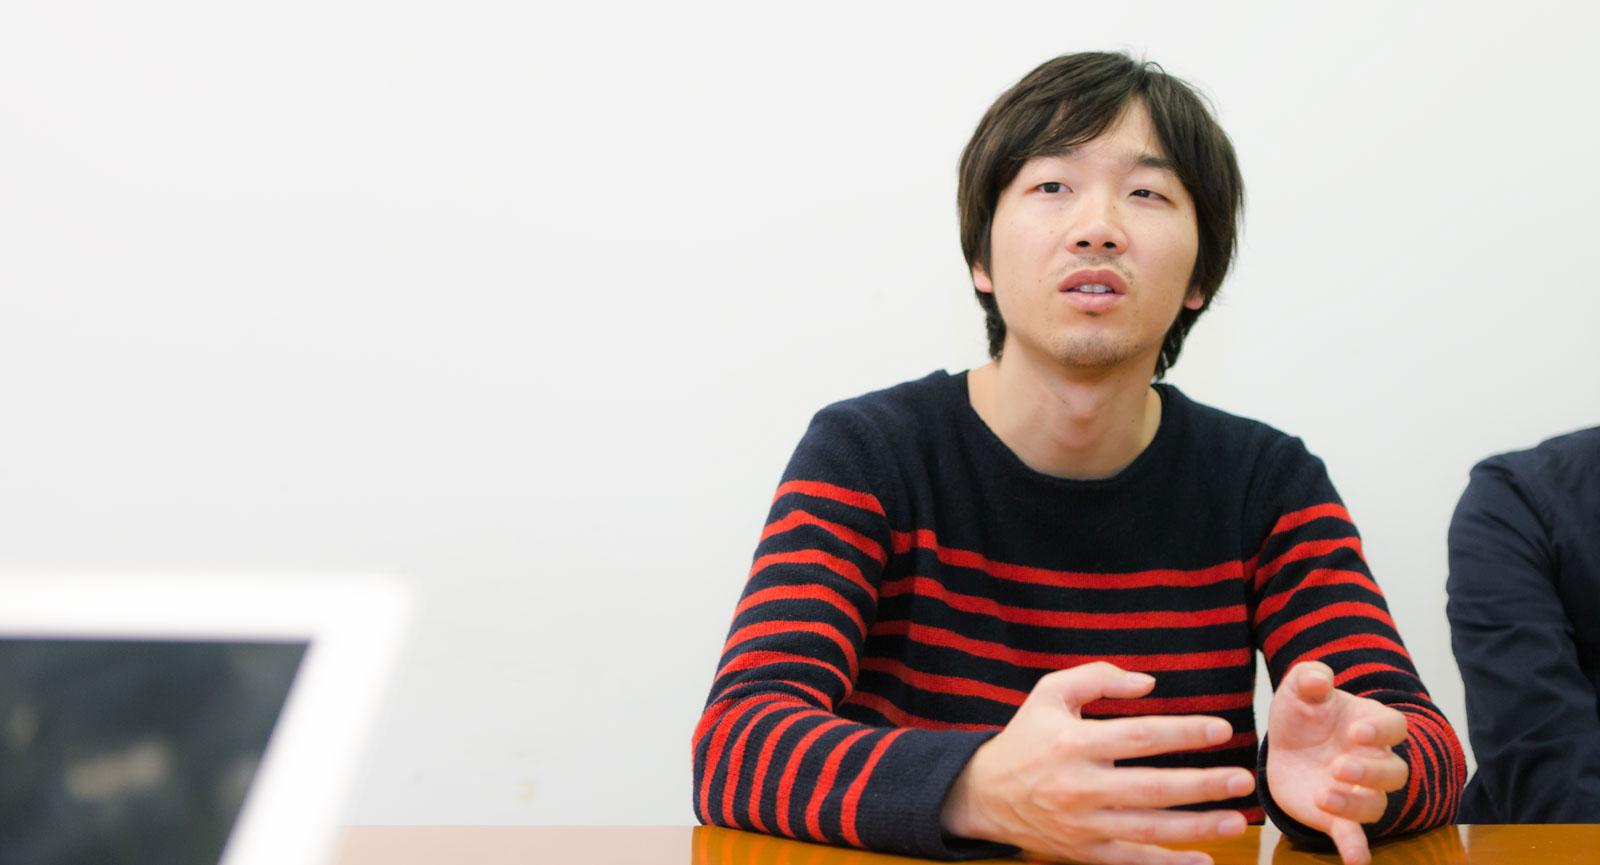 社内ユニット「SCHOOL」チーフプロデューサー 大野 鉄平さん